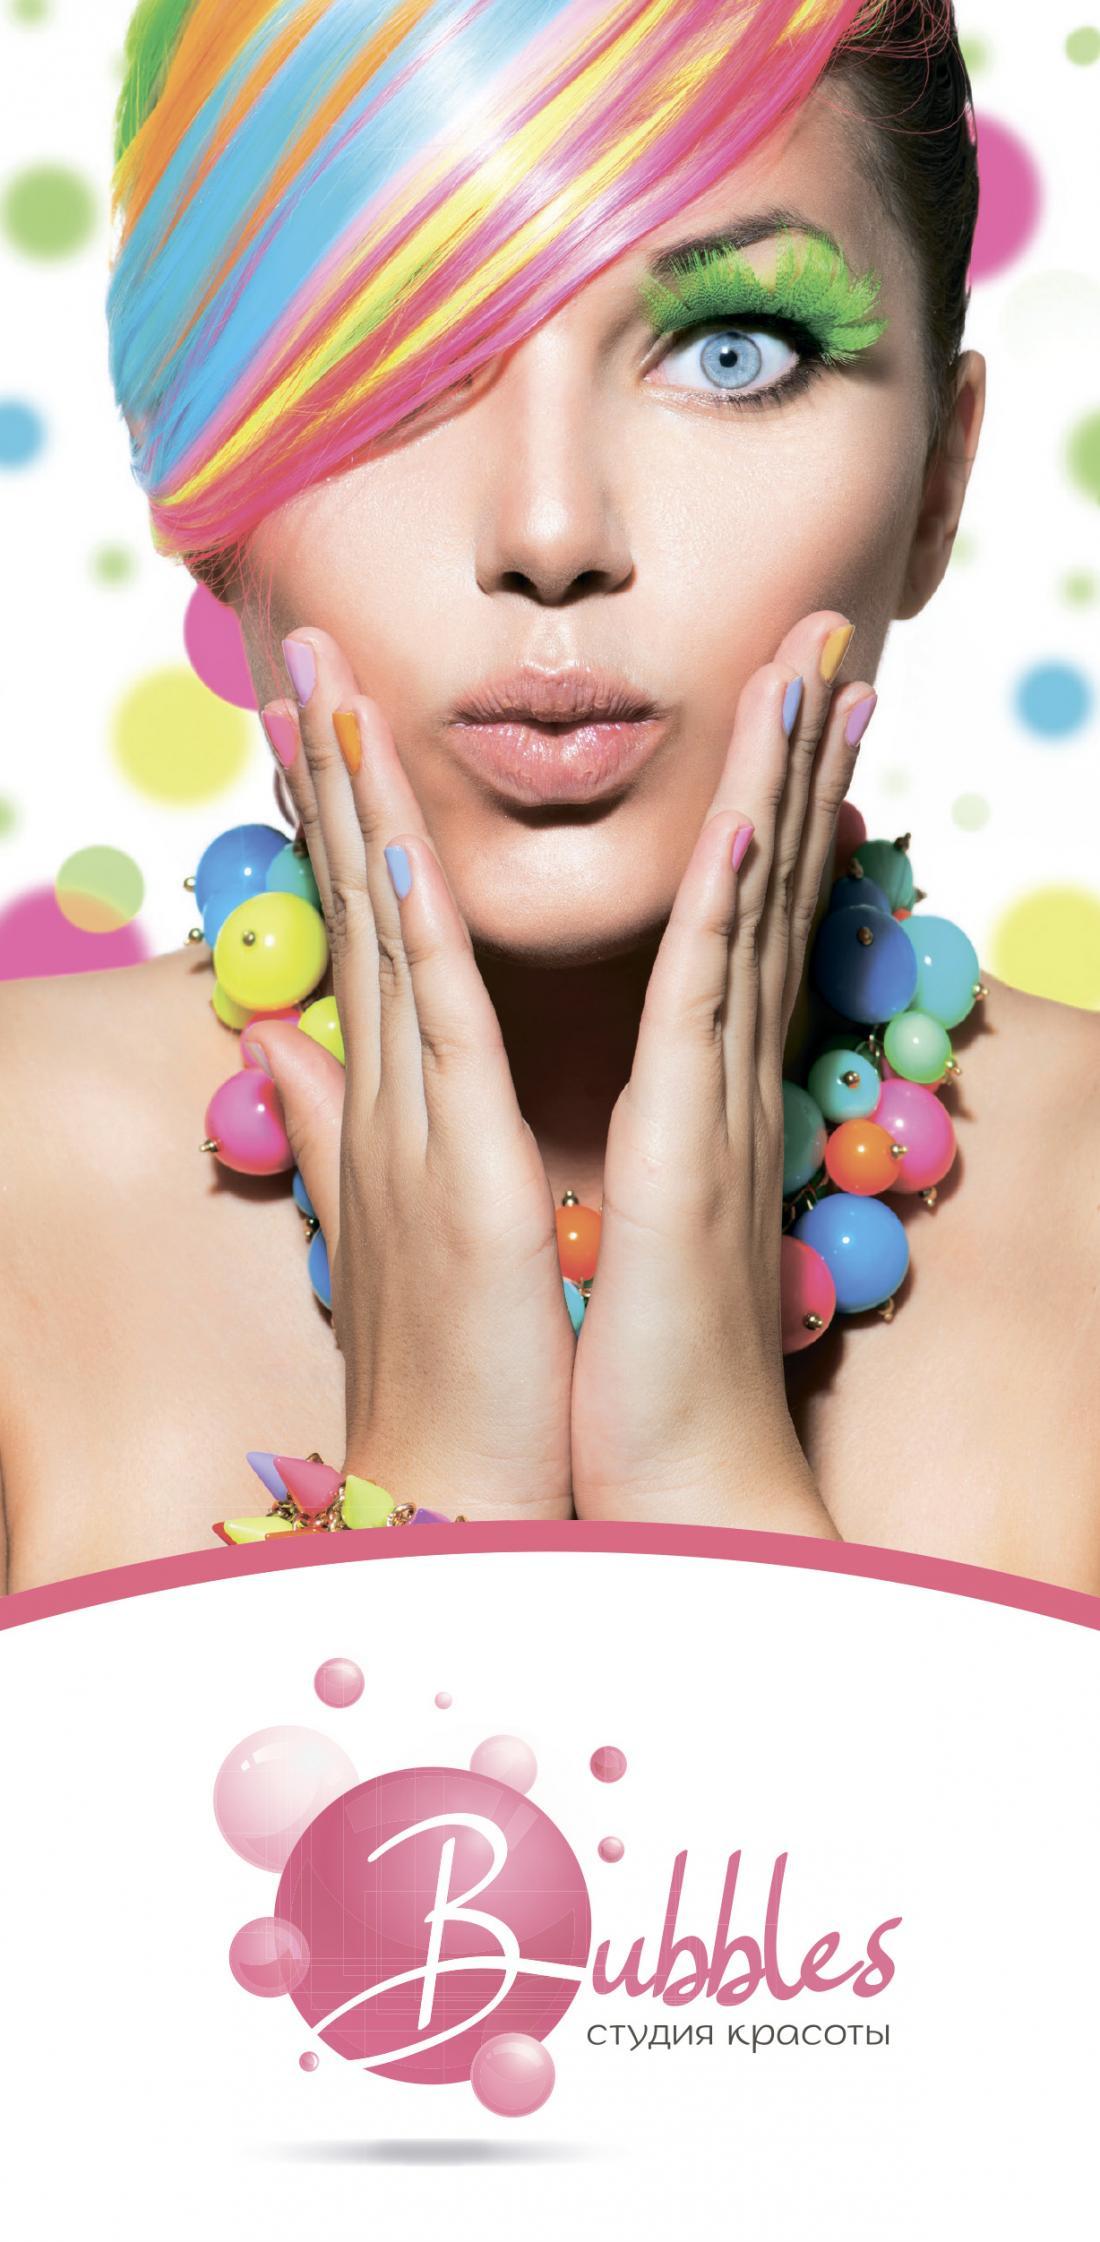 """Маникюр/педикюр с обычным и долговременным покрытием от 5,60 руб. в студии красоты """"Bubbles"""""""